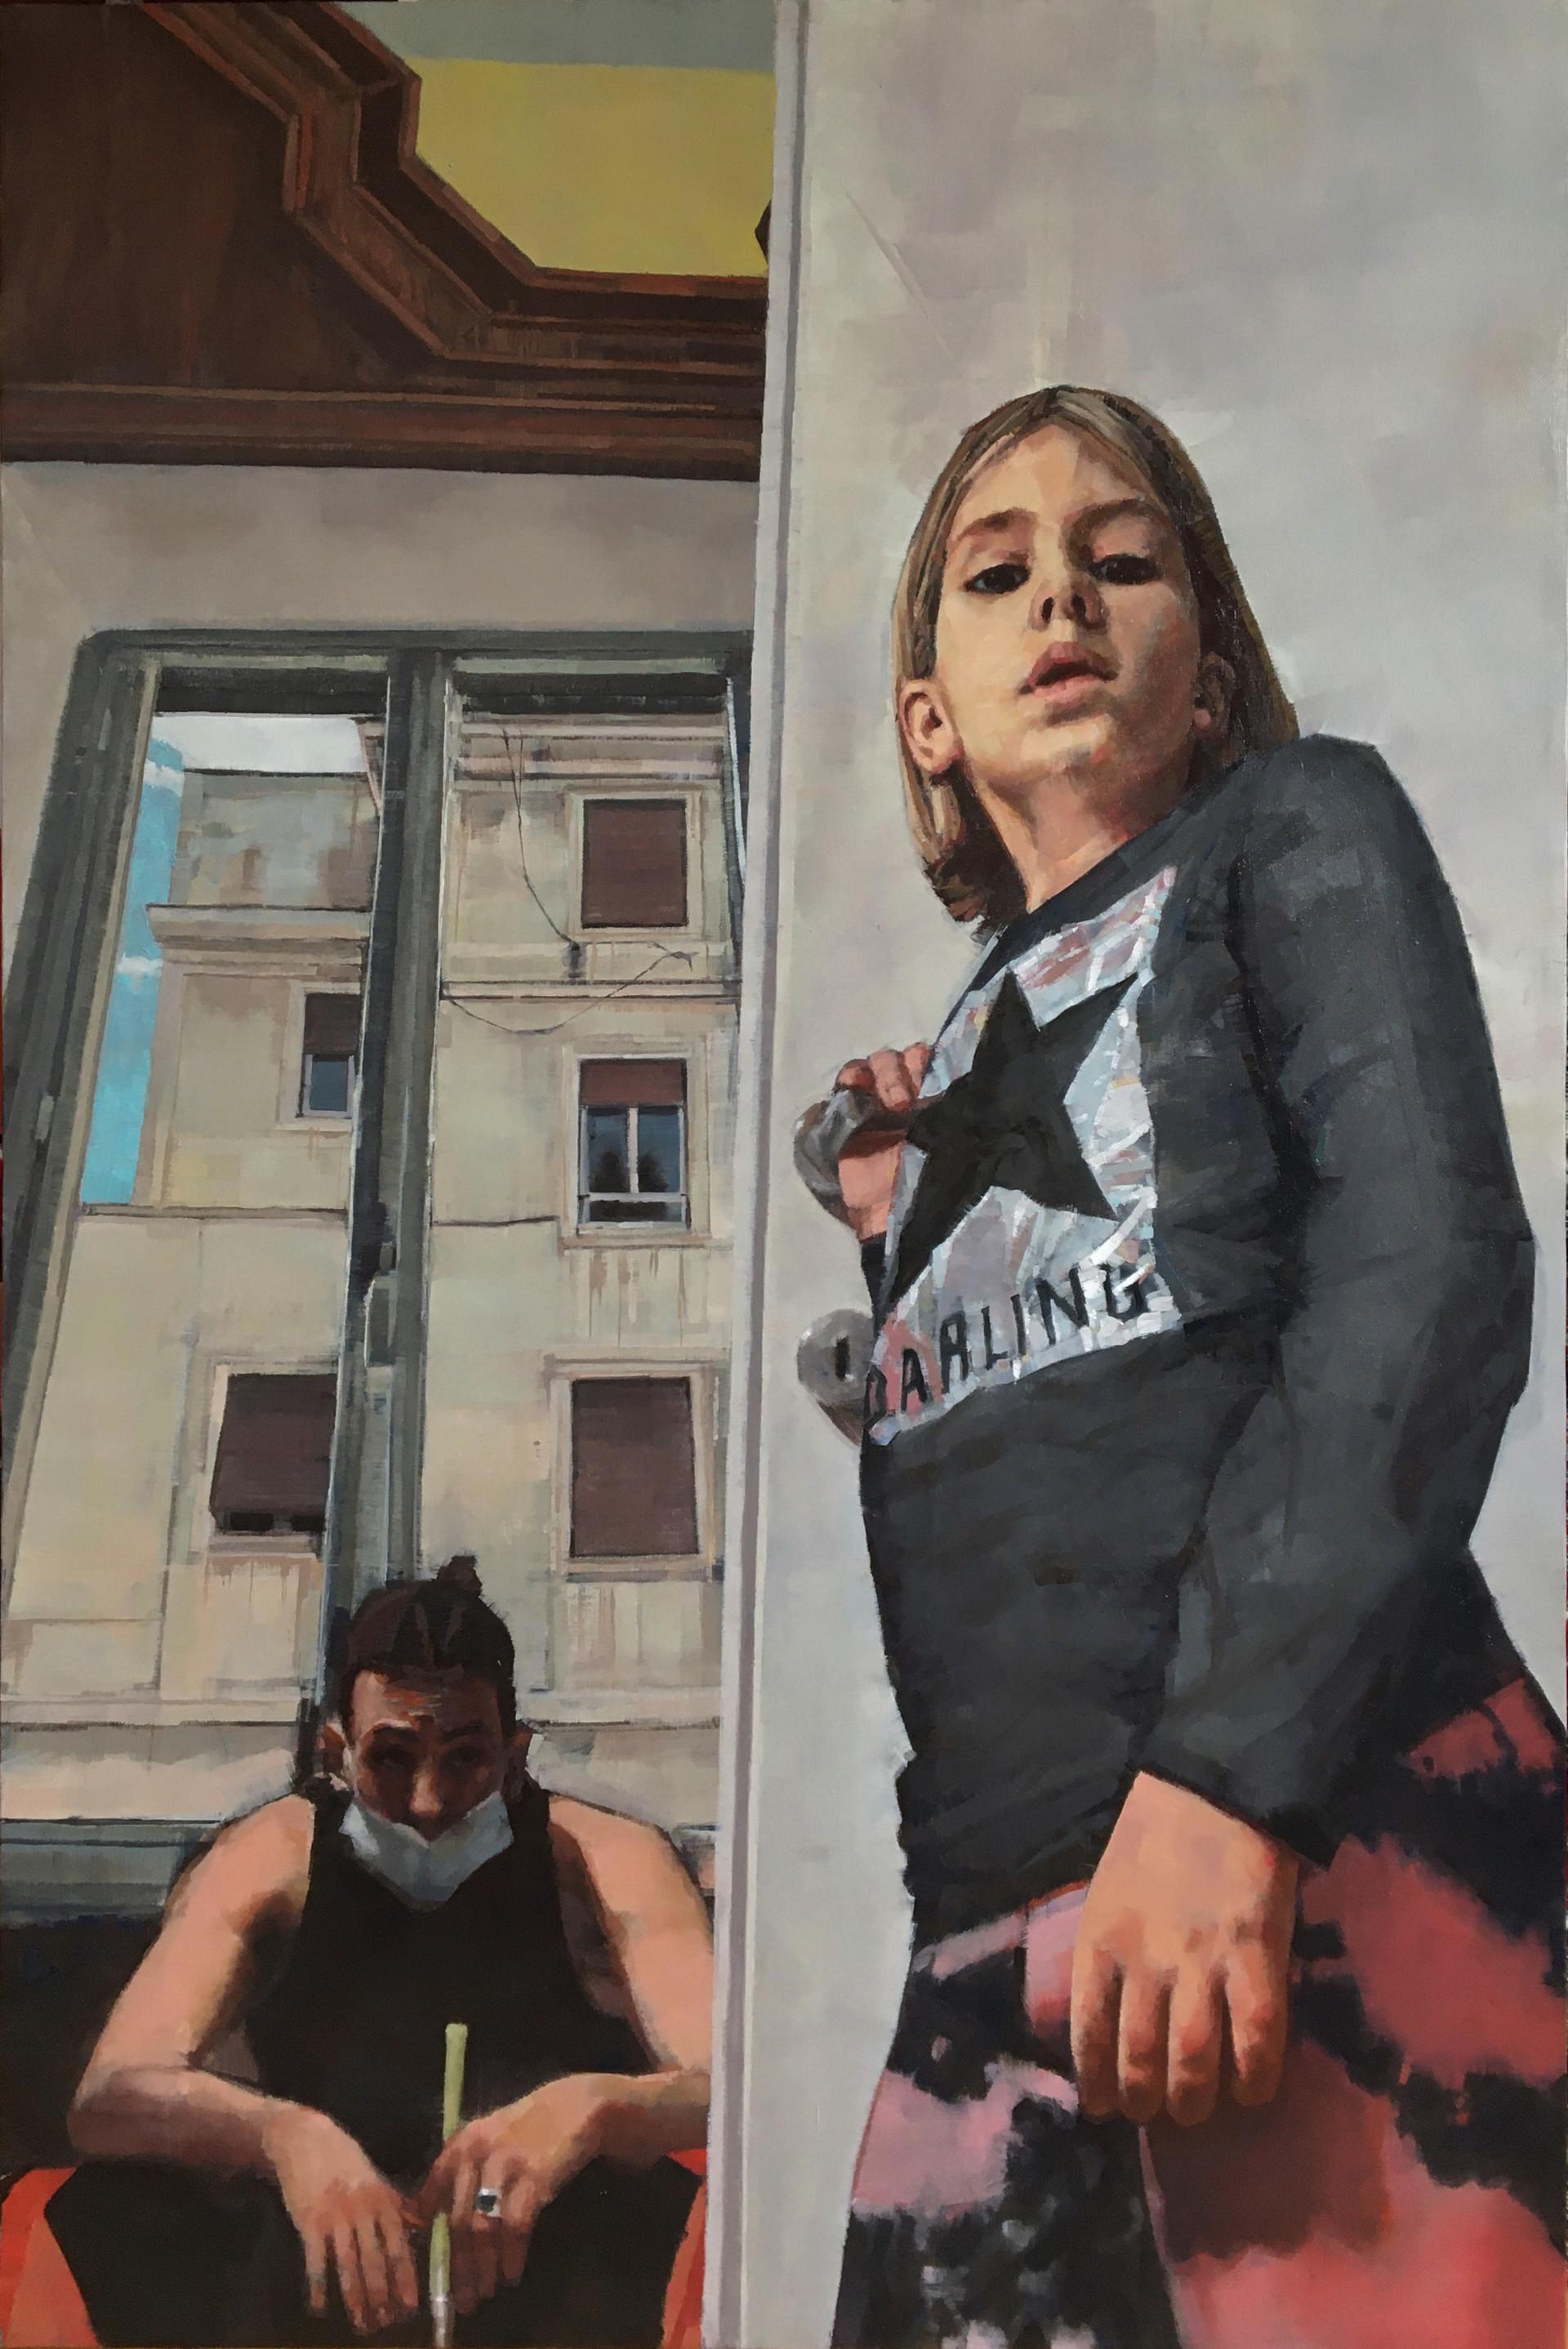 Jacopo Antonucci, 17 anni Ritratto di bambina e autoritratto allo specchio. Dialogo, dimensioni, punti di vista  Roma, 2020